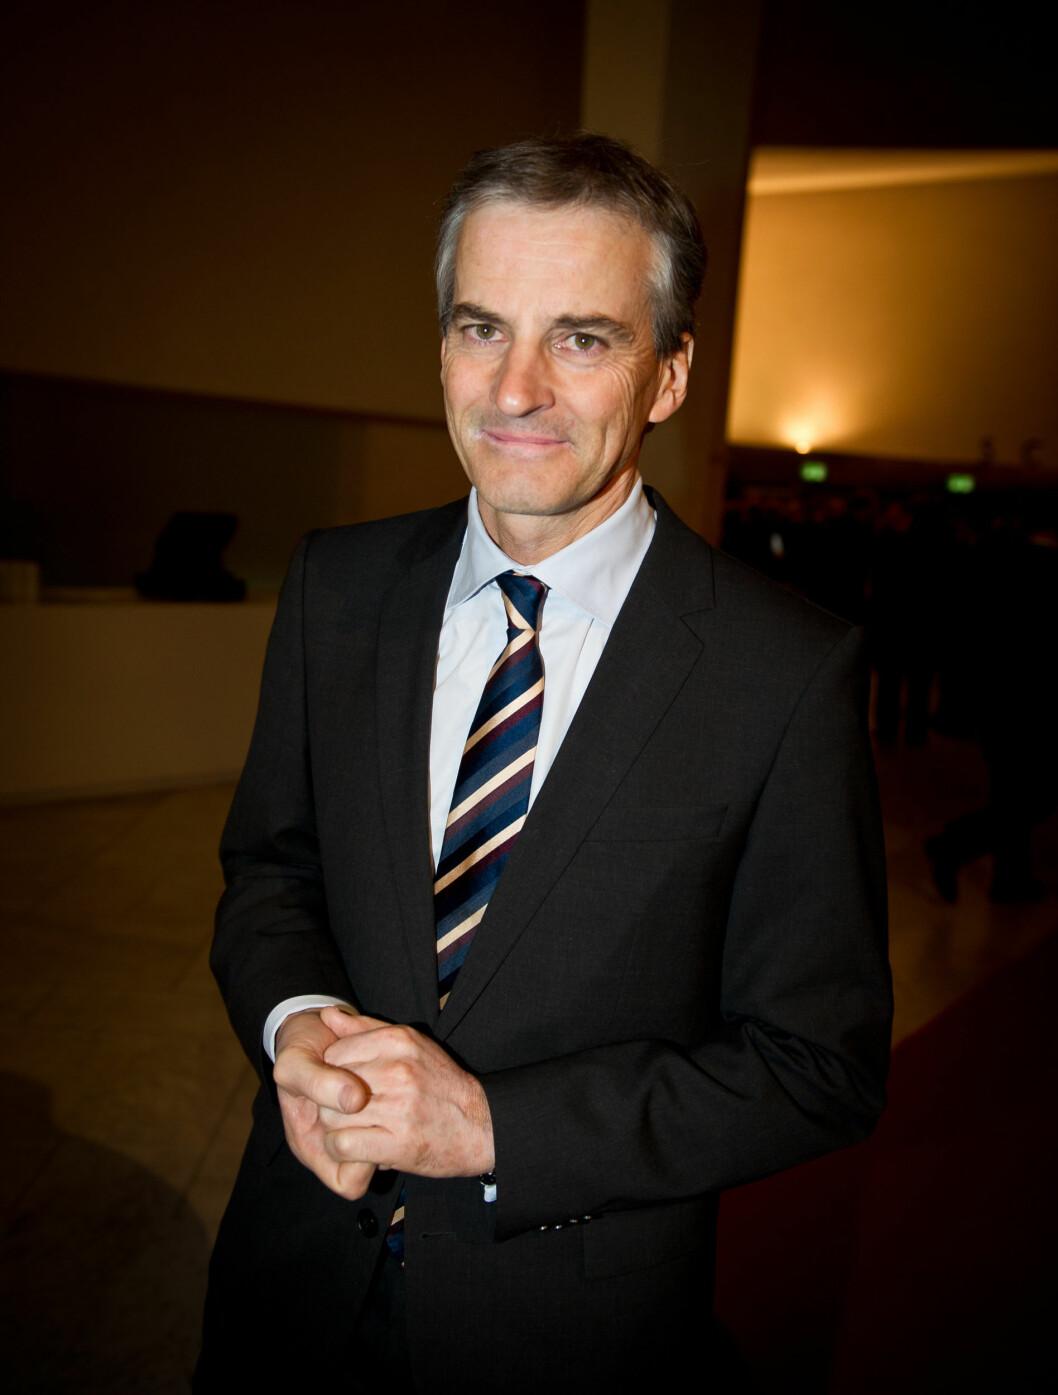 <strong>GLEDET SEG:</strong> Utenriksminister Jonas Gahr Støre så frem til middagen sammen med næringslivstoppene. Foto: Sølve Hindhamar, Seher.no